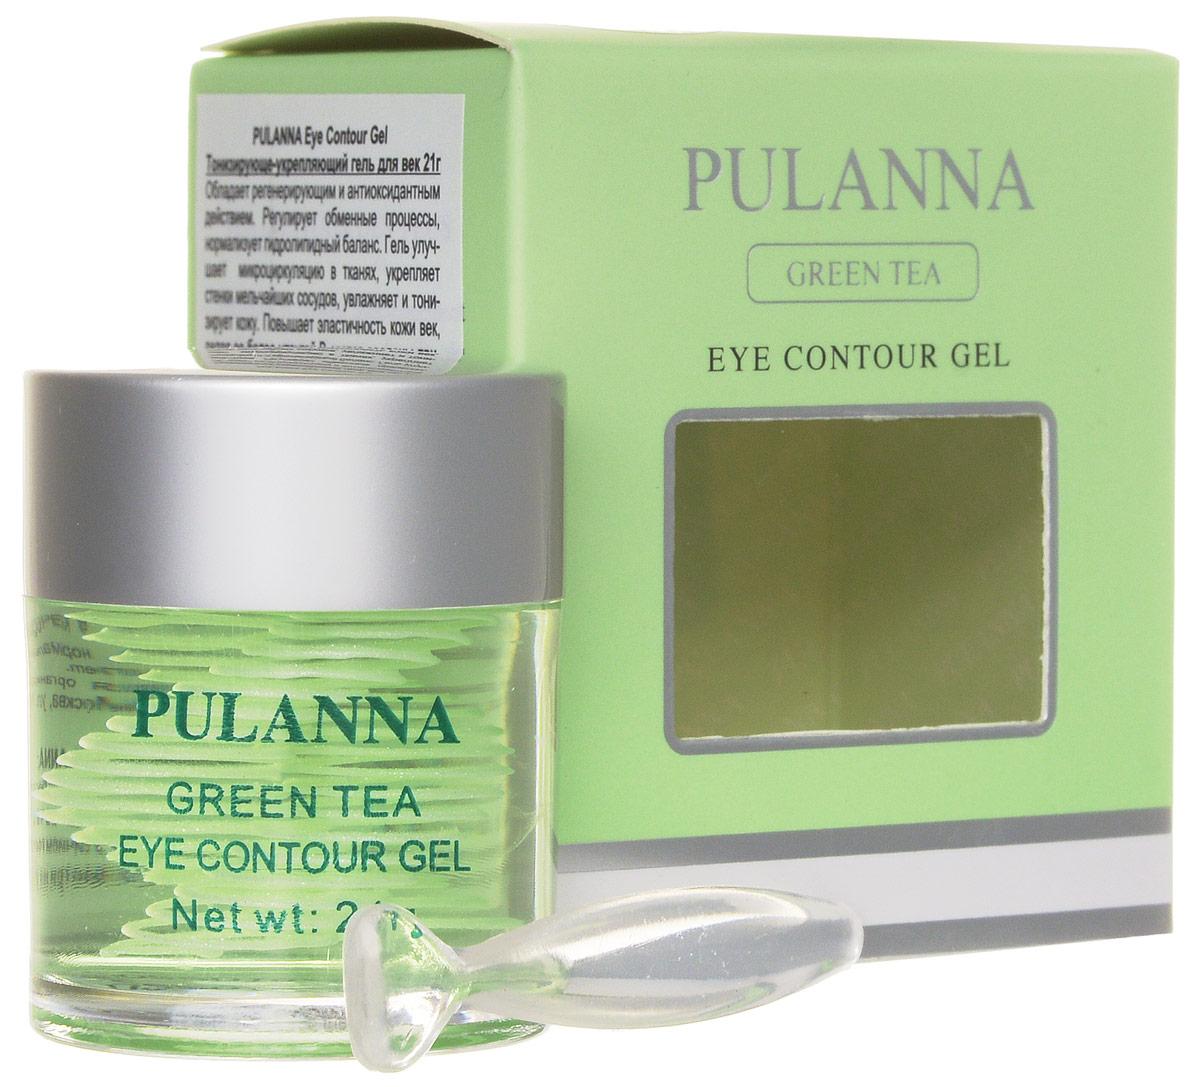 Pulanna Тонизирующе-укрепляющий гель для век на основе зеленого чая - Eye Contour Gel 21 г5902596005863Гель обладает регенерирующим и антиоксидантным действием. Регулирует обменные процессы, нормализует гидро-липидный баланс кожи. Улучшает микроциркуляцию в тканях, укрепляет стенки мельчайших сосудов, увлажняет и тонизирует кожу. Экстракт хвоща и зеленого чая нормализуют водно-жировой и кислородный обмен. Гель повышает эластичность кожи век, делая ее более упругой. В состав введены природные фотофильтры. Является прекрасной базой под макияж.Рекомендован с 20 лет.